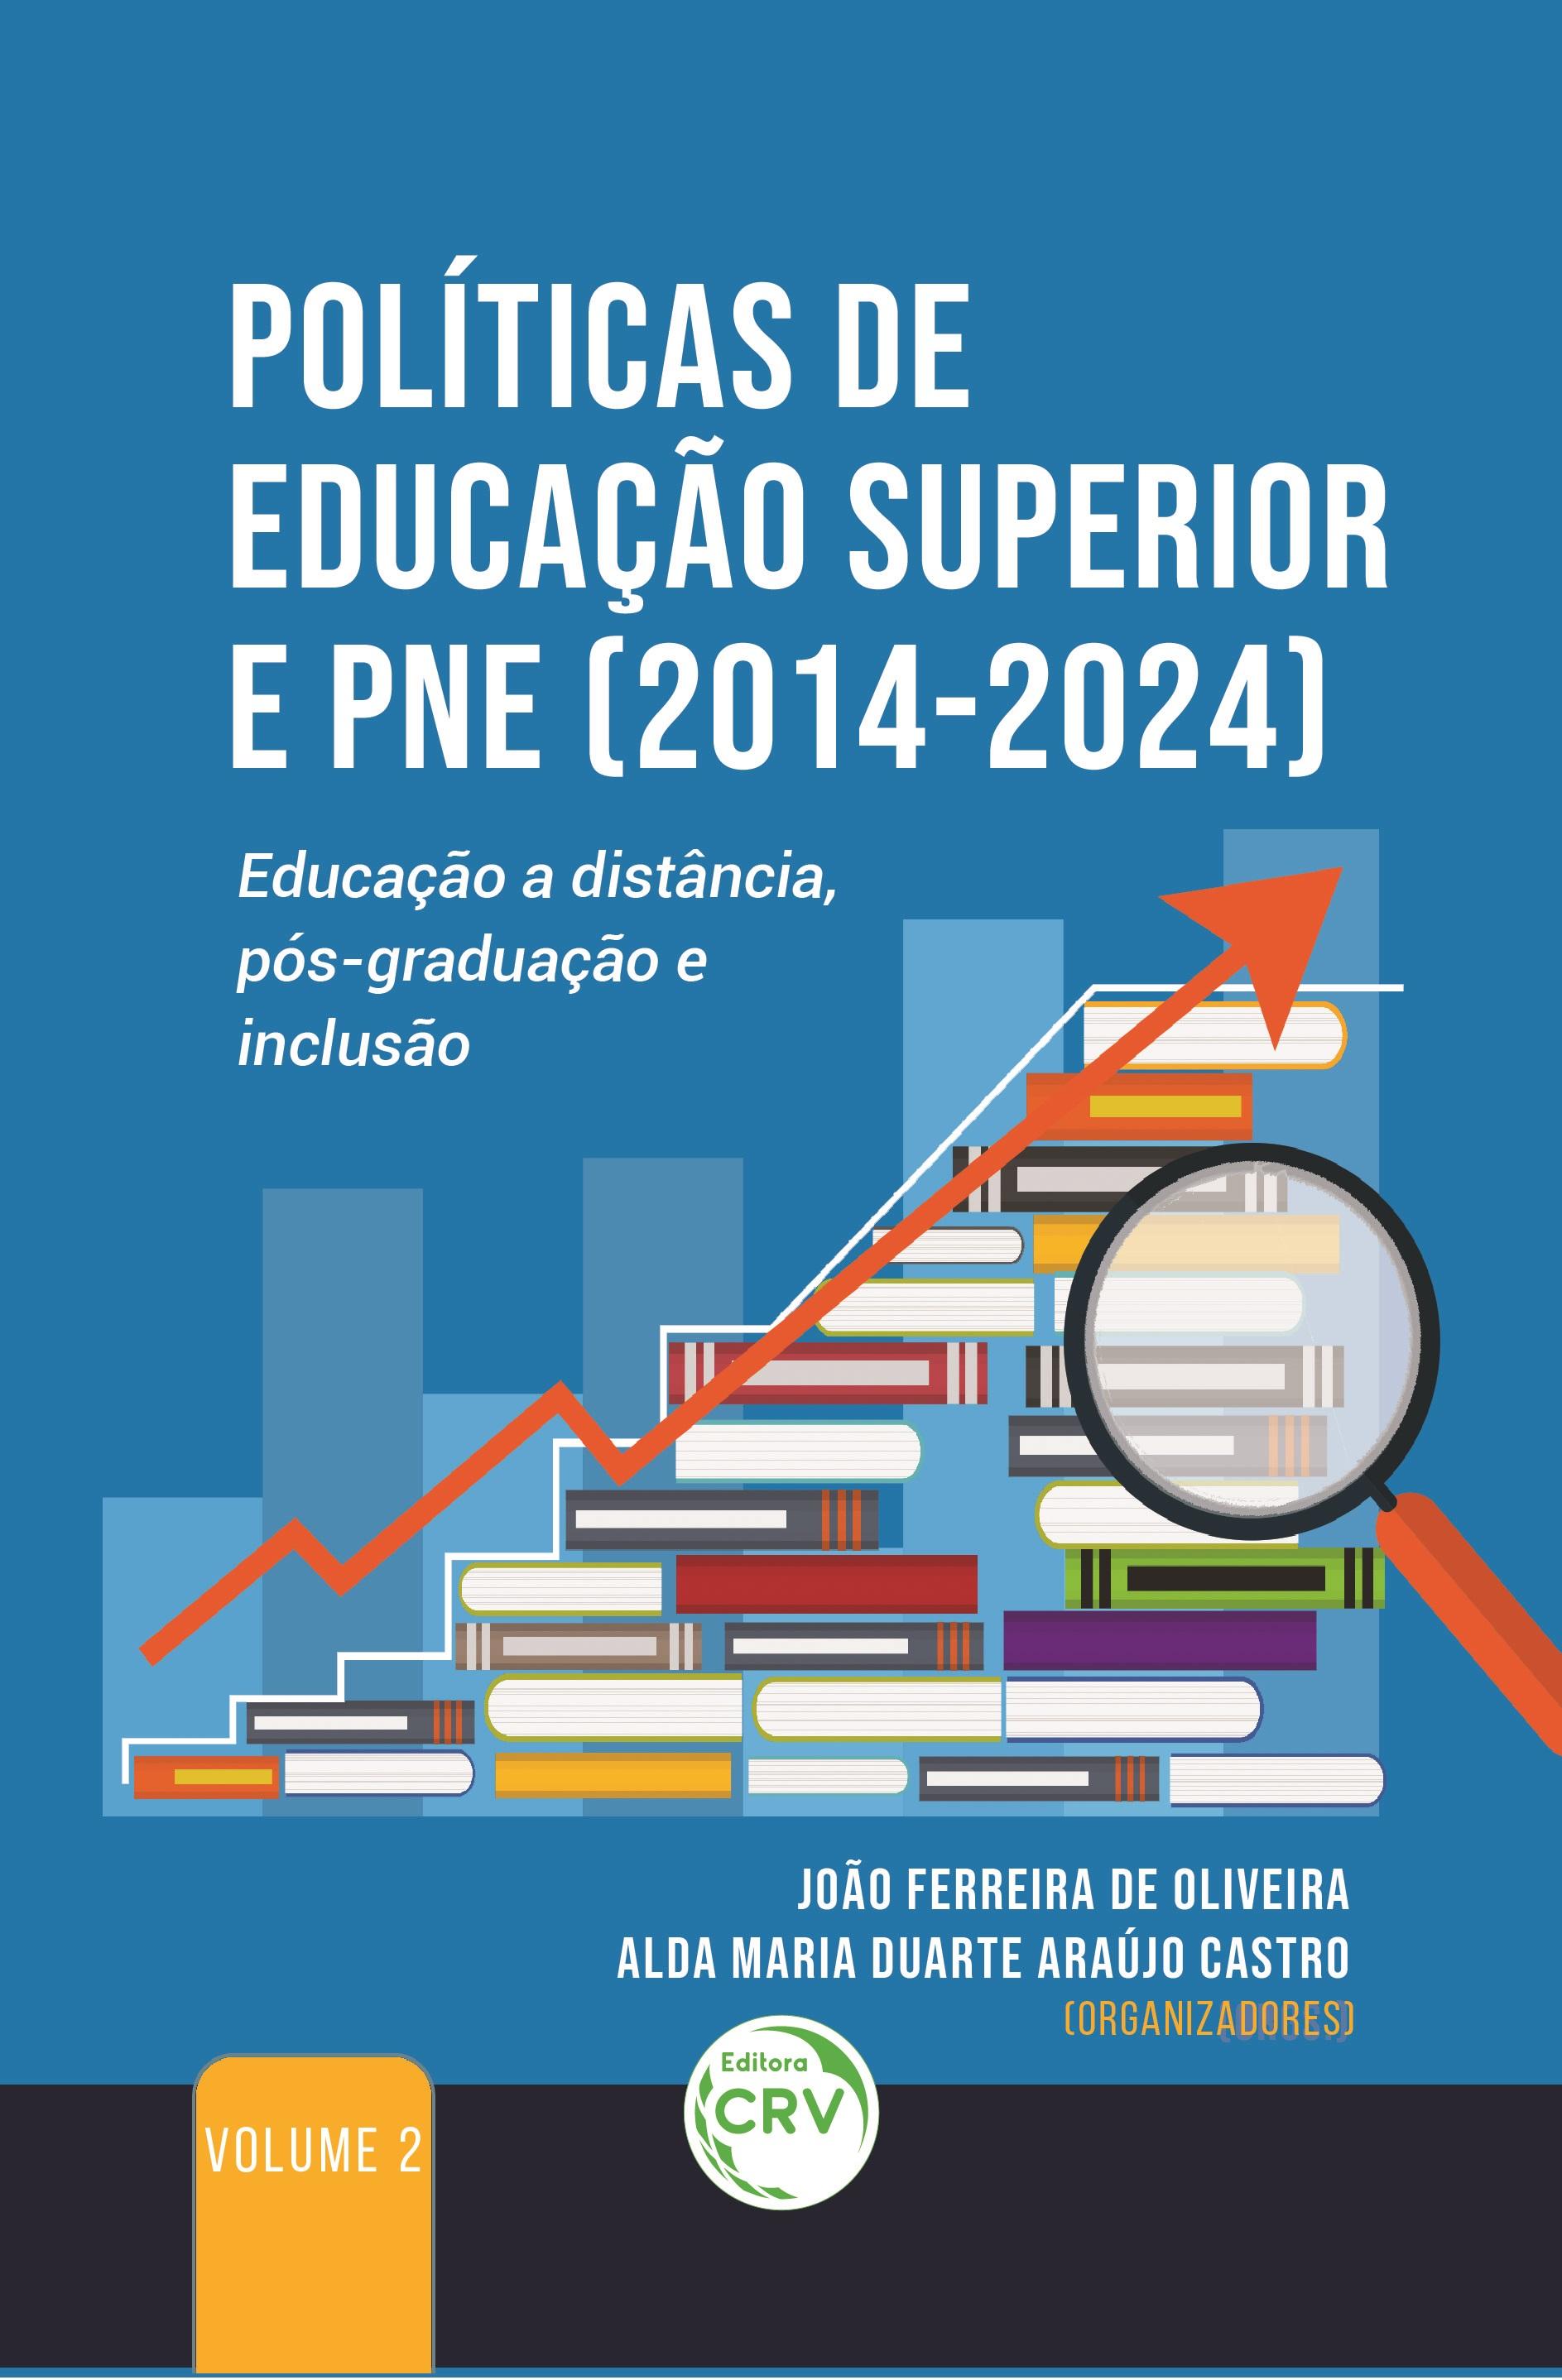 Capa do livro: POLÍTICAS DE EDUCAÇÃO SUPERIOR E PNE (2014-2024): <br>Educação a distância, pós-graduação e inclusão<br> VOLUME 2